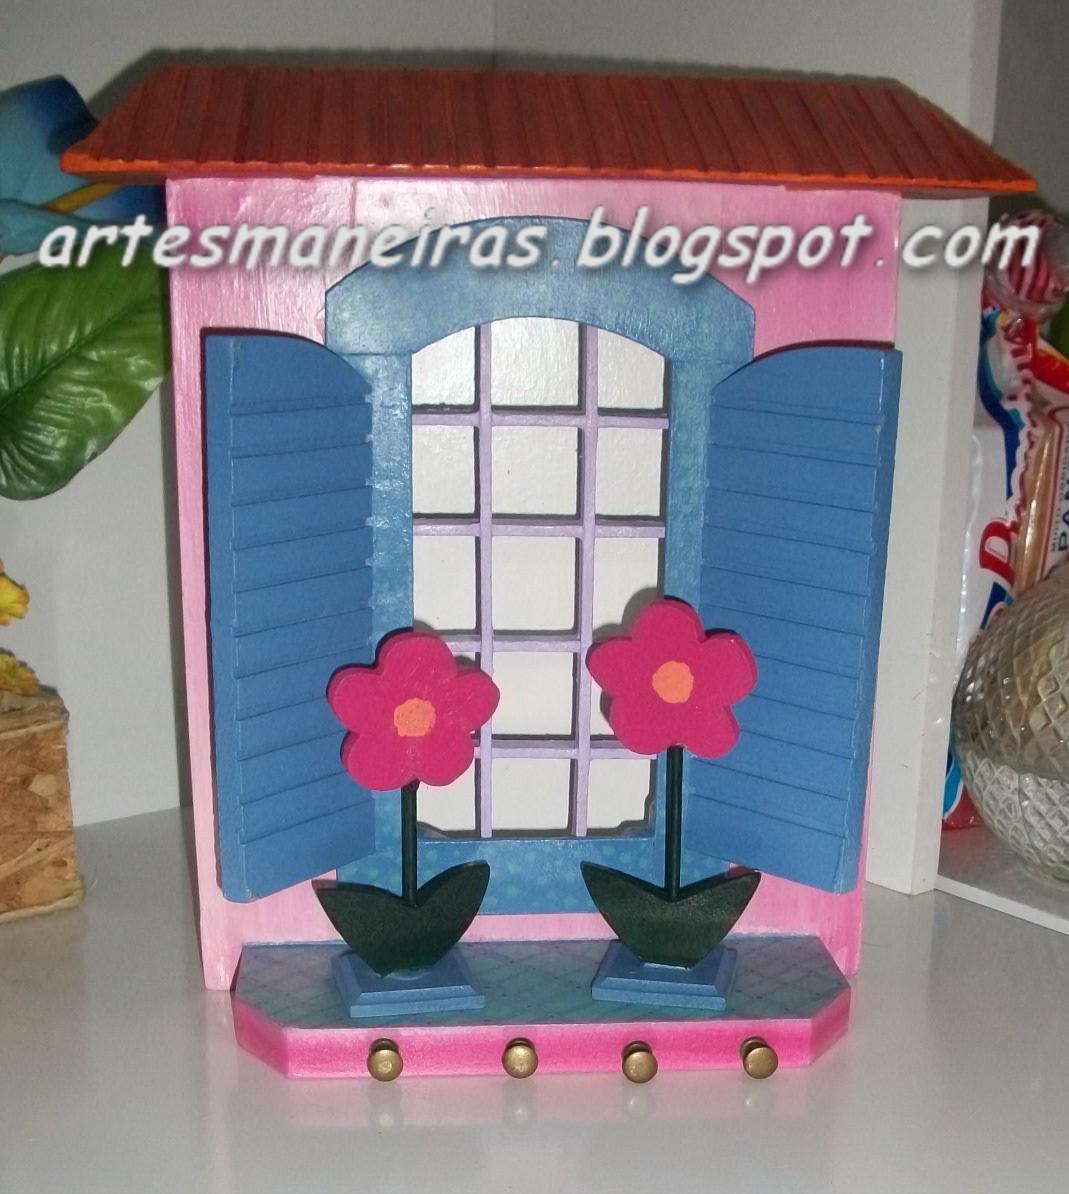 Armario Aberto Para Quarto ~ Artesanato em MDF Porta chaves e cartas em formato de casinha ~ Artes Maneiras